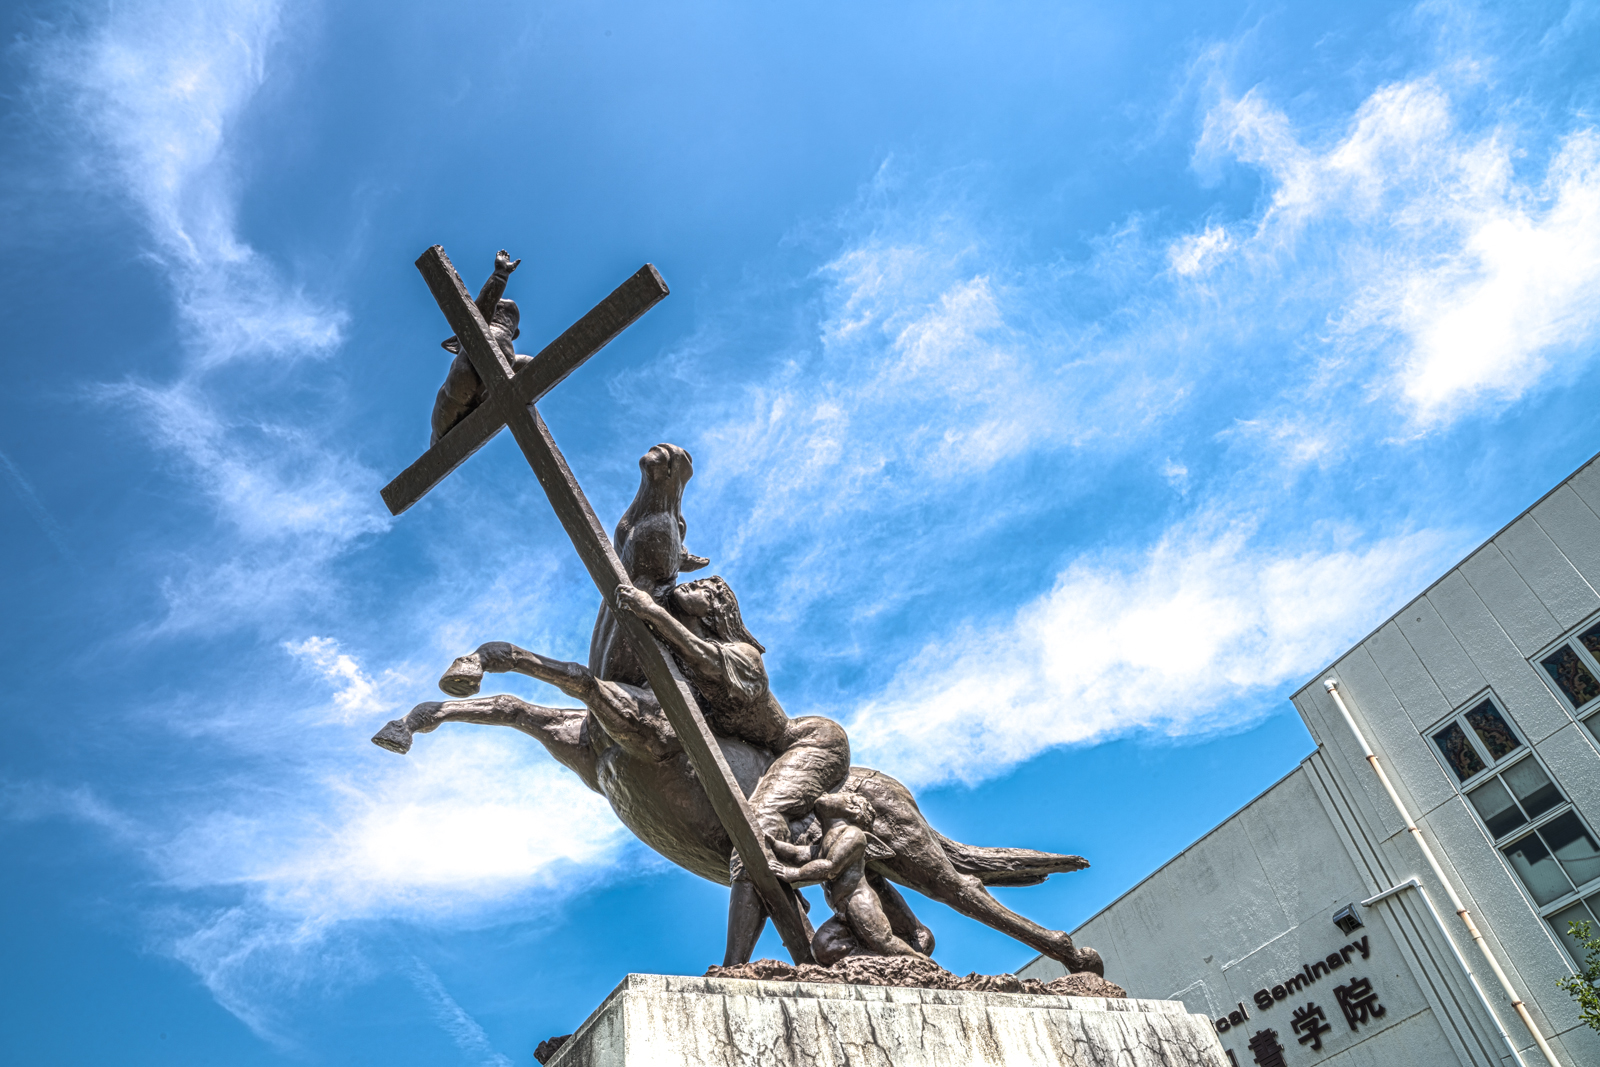 教会にあった像のHDR写真